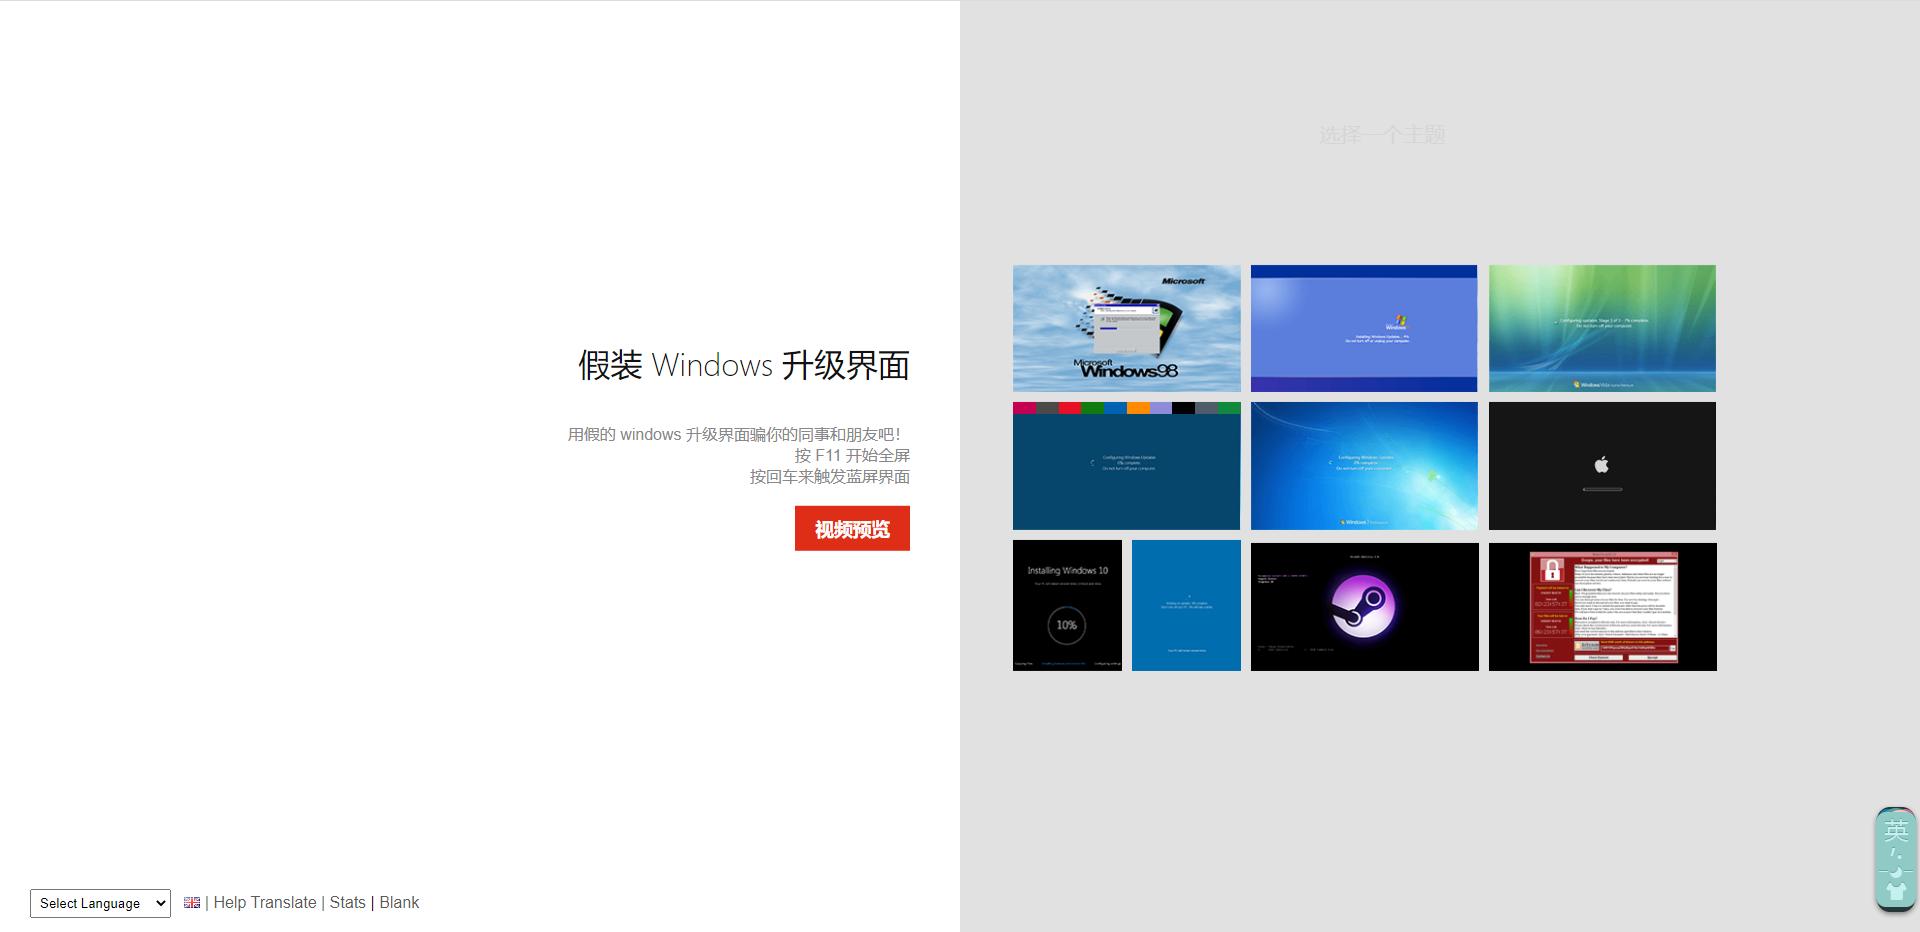 电脑假蓝屏网页版  对电脑无伤害